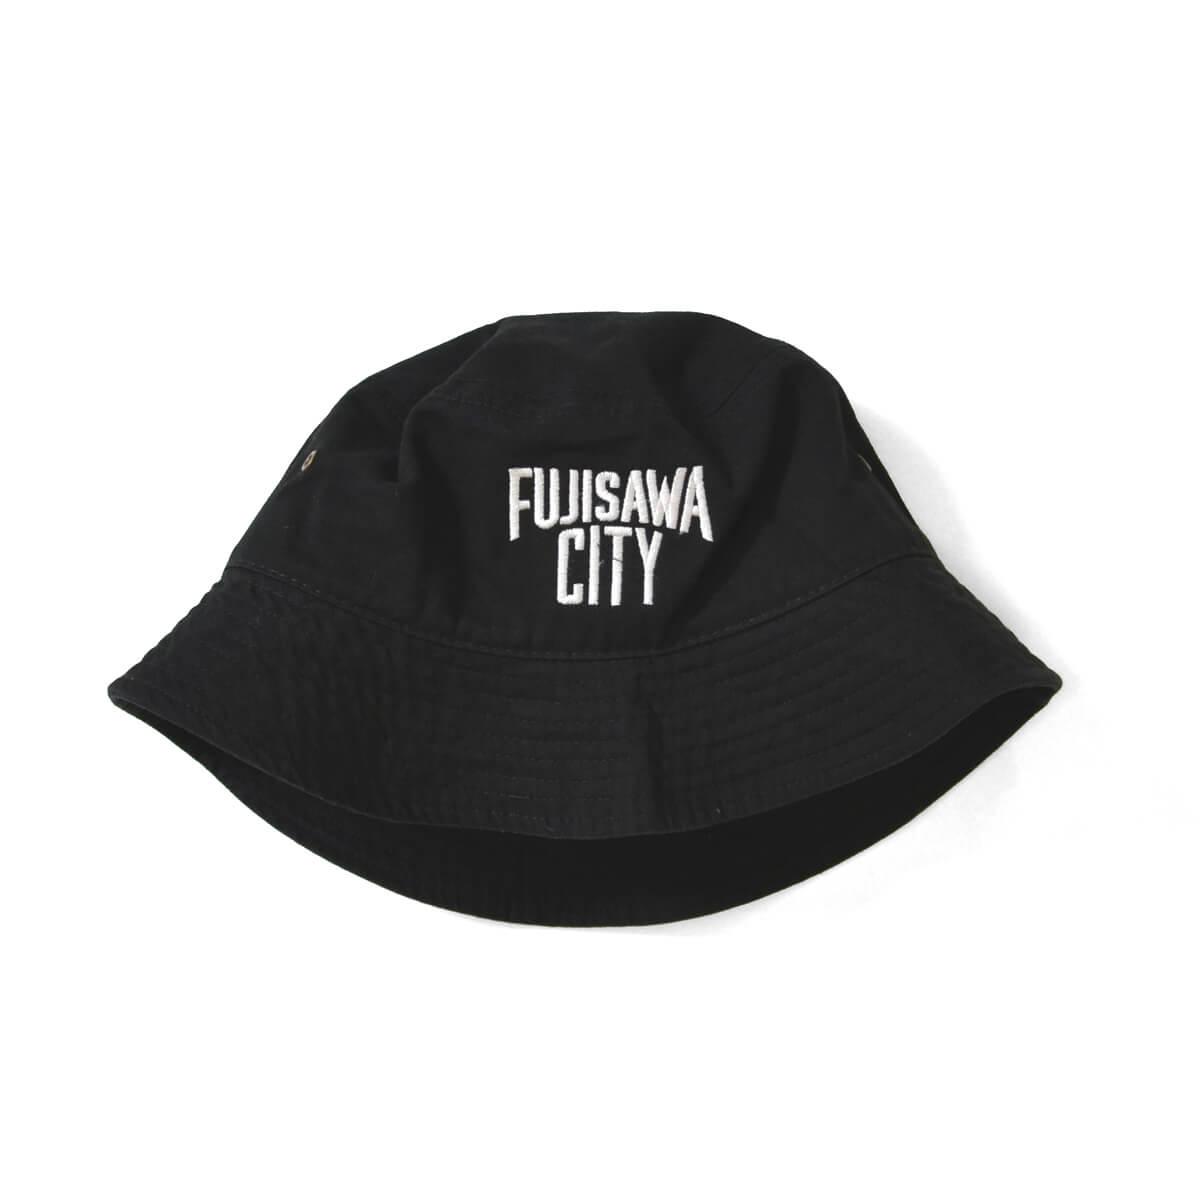 FUJISAWA CITY フジサワシティ LOGO BUCKET HAT バケットハット BLACK